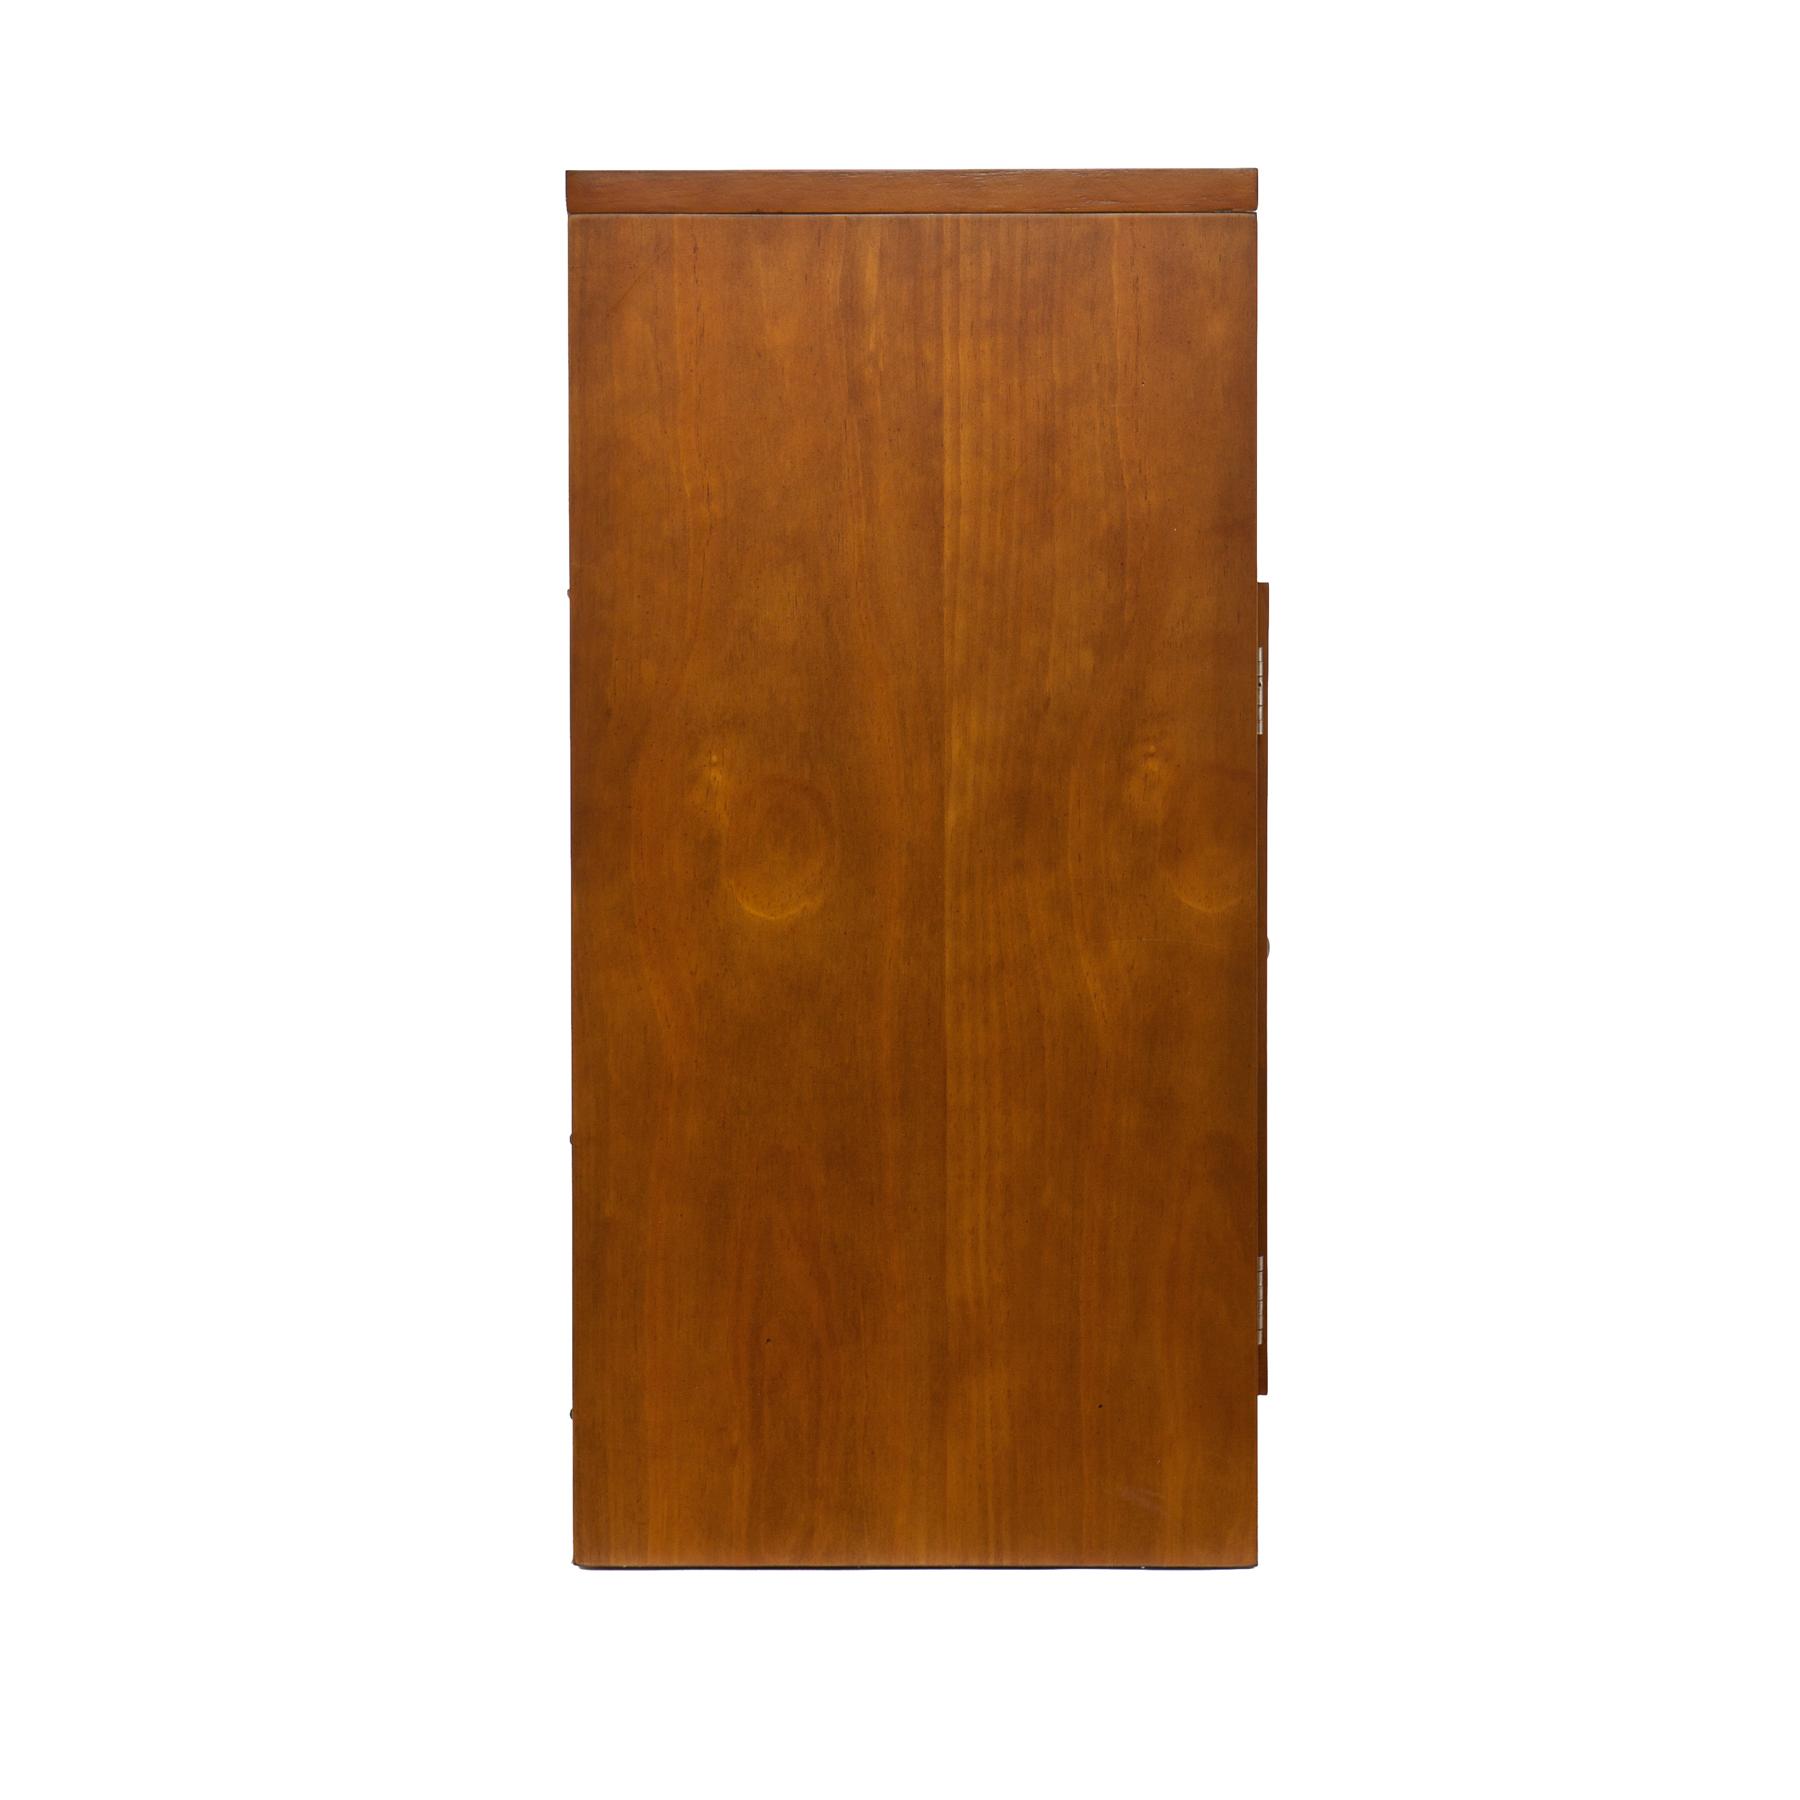 Glazed Pine